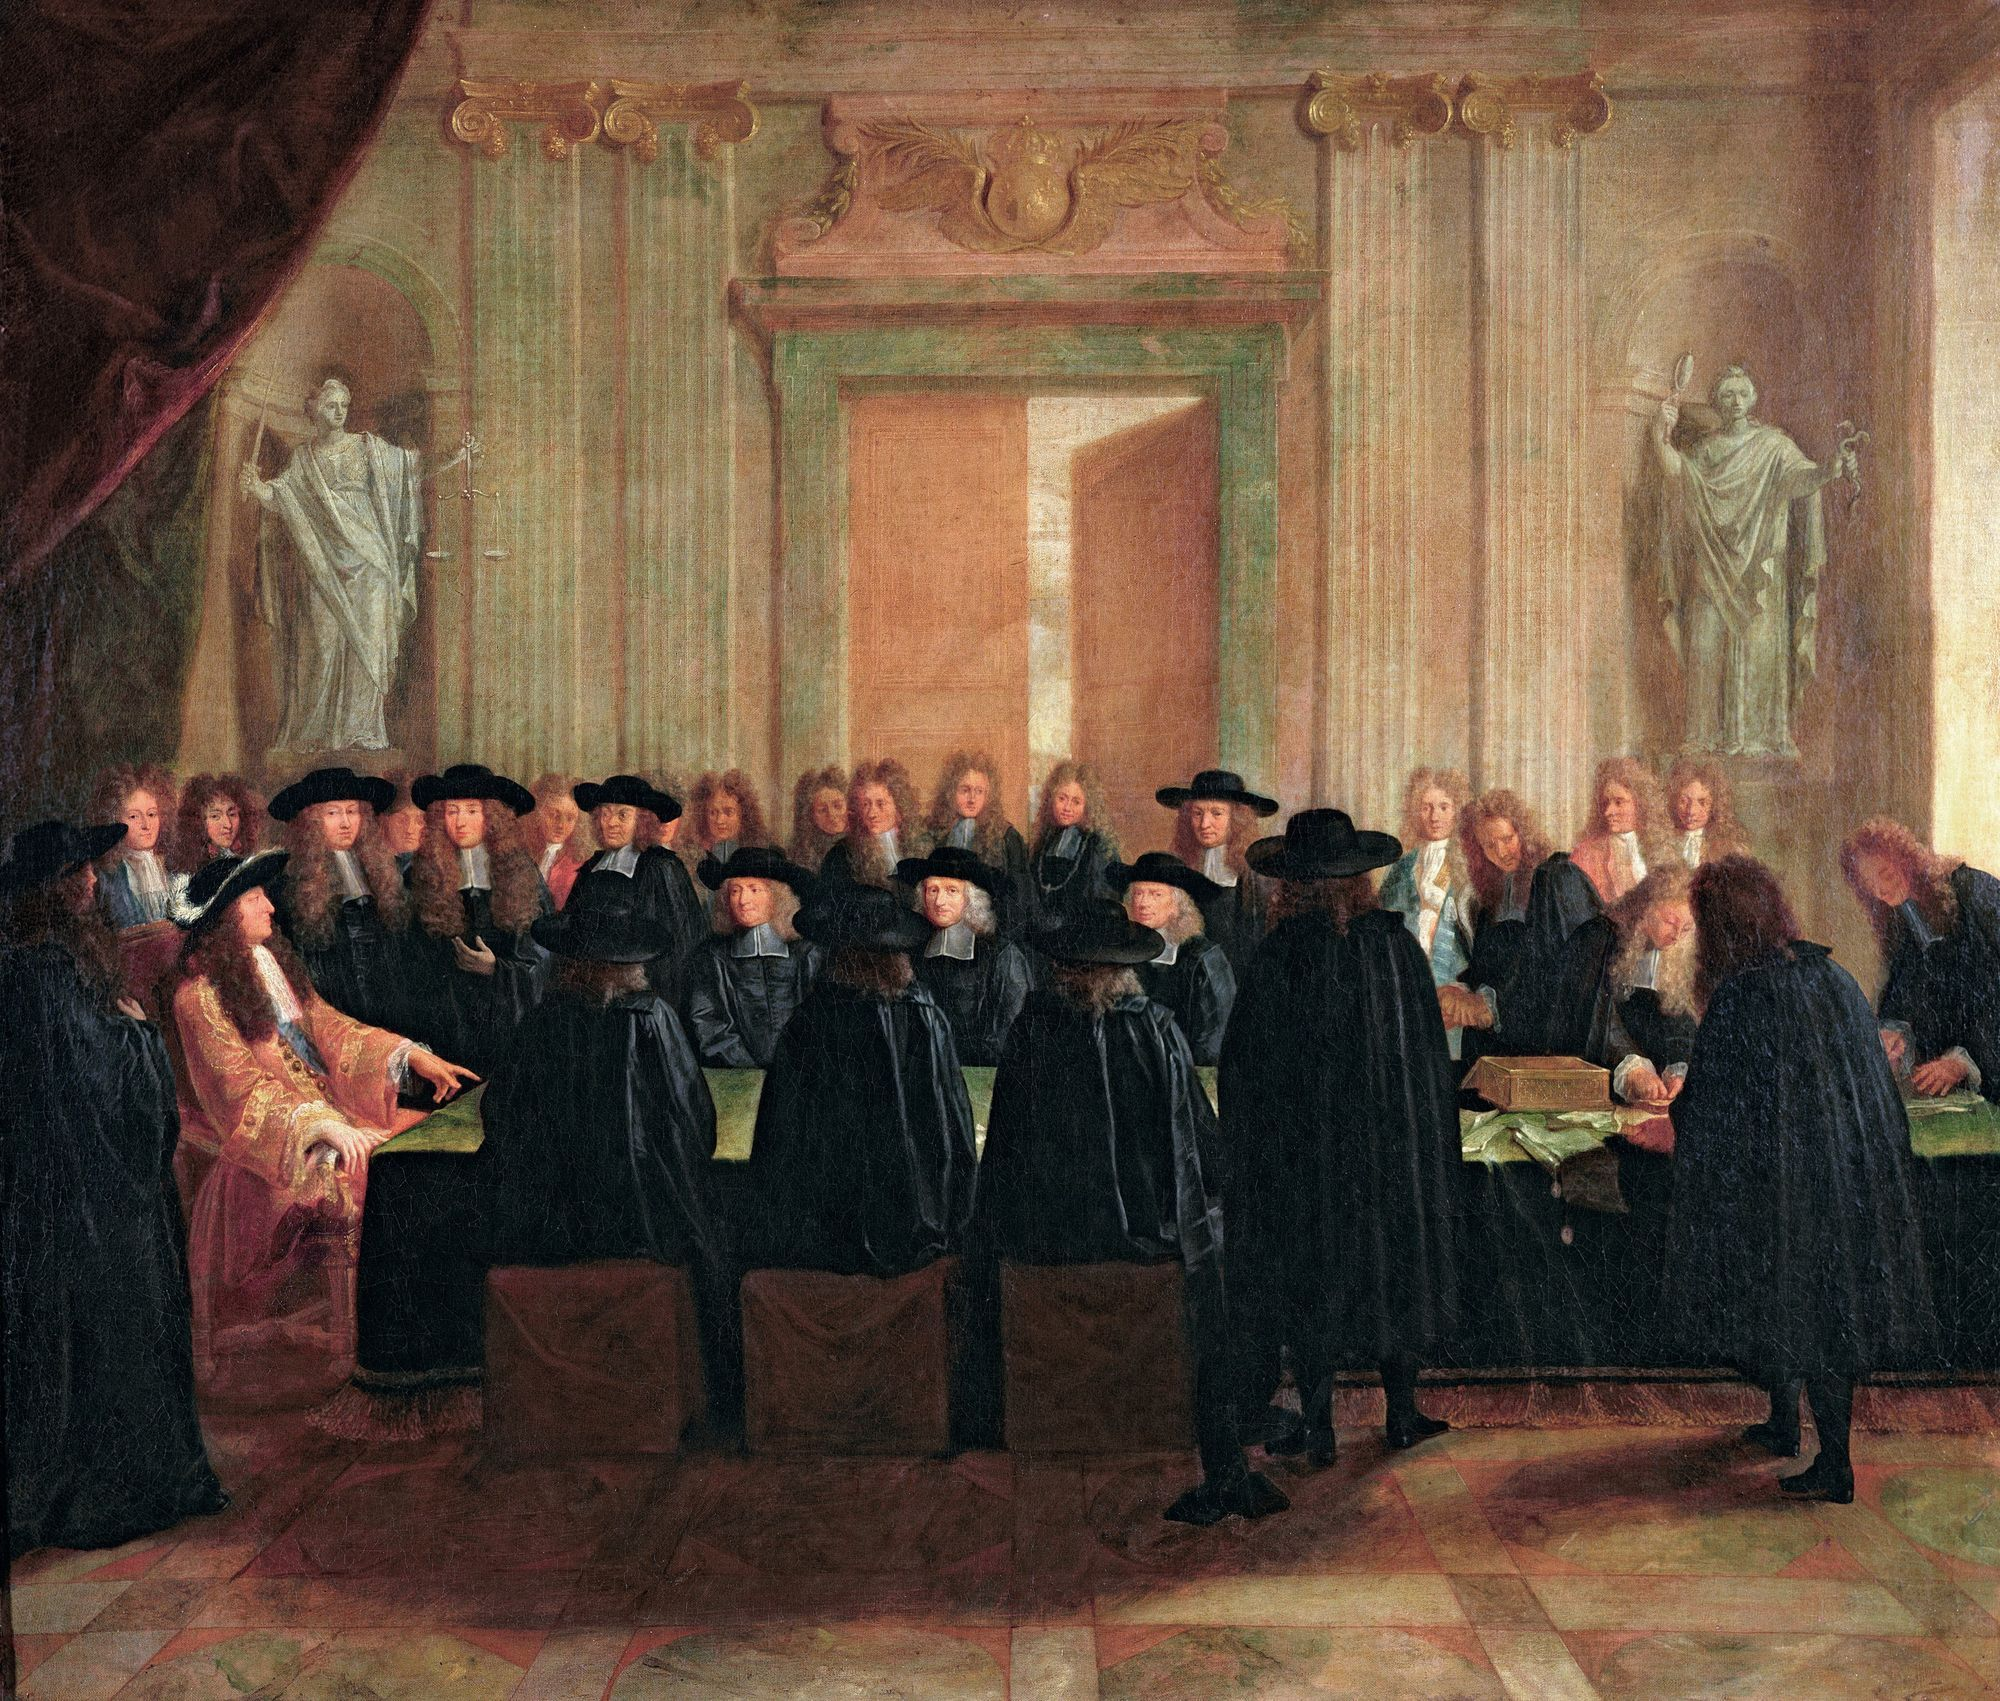 Anonyme, Louis XIV tenant les sceaux en présence des conseillers d'État et des maîtres des requêtes, XVIIe siècle, huile sur toile, 110 x 128 cm, château de Versailles